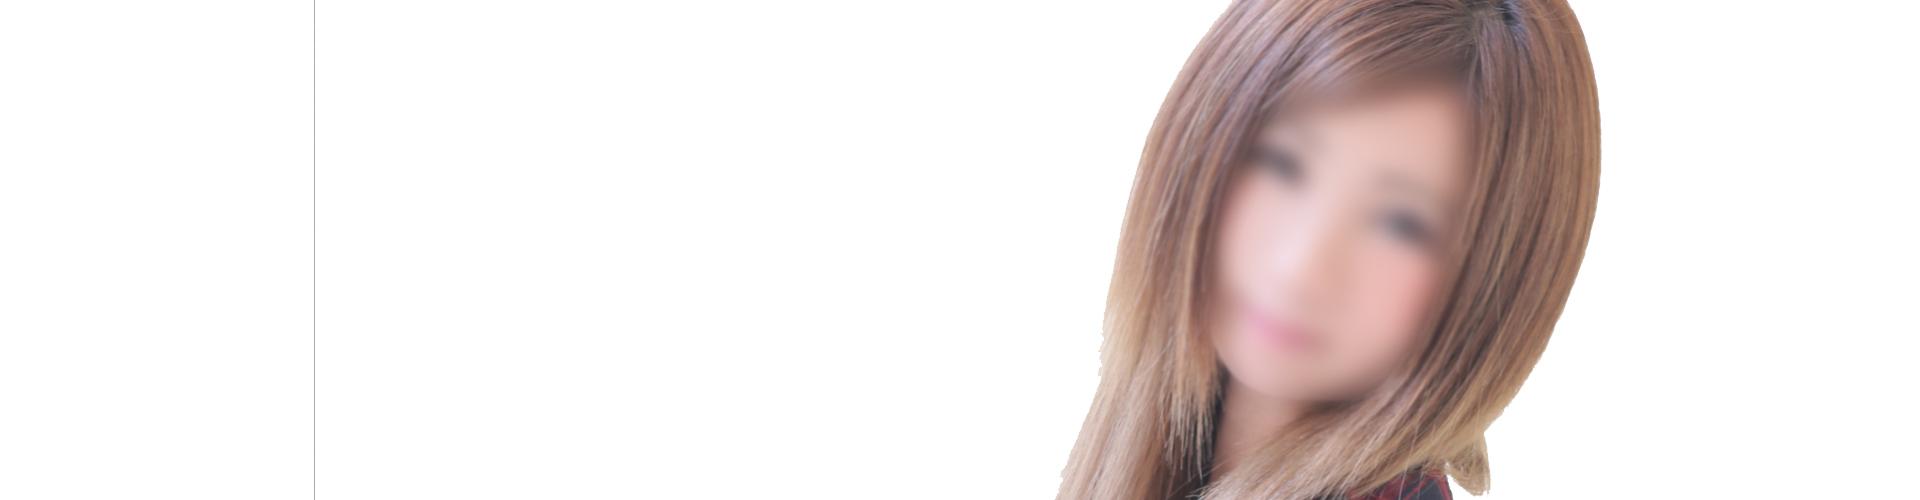 船橋デリヘル風俗|船橋 西船橋 デリバリーヘルス【キャンパスサミット船橋店】モデルゆめか写真